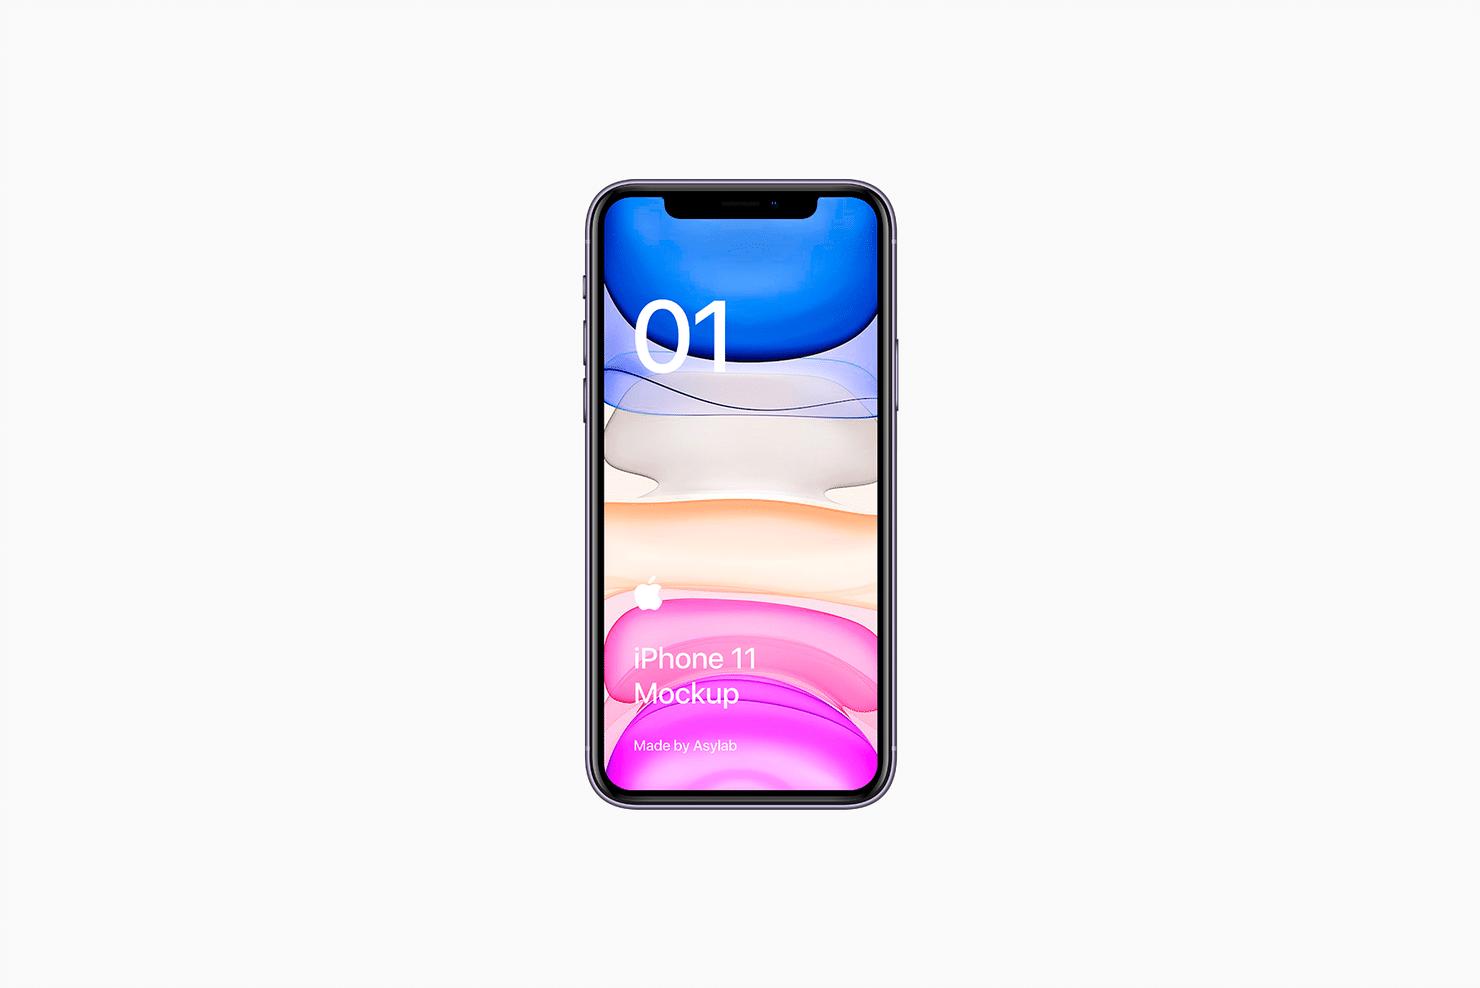 全新iPhone 11手机屏幕界面演示样机PSD模板 iPhone 11 Mockup PSD插图(2)